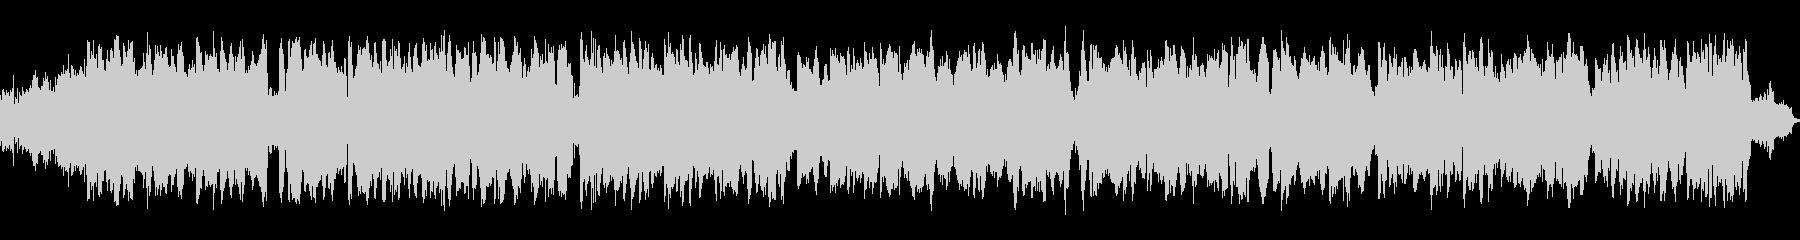 サーカス等の手回しオルガン風楽曲の未再生の波形